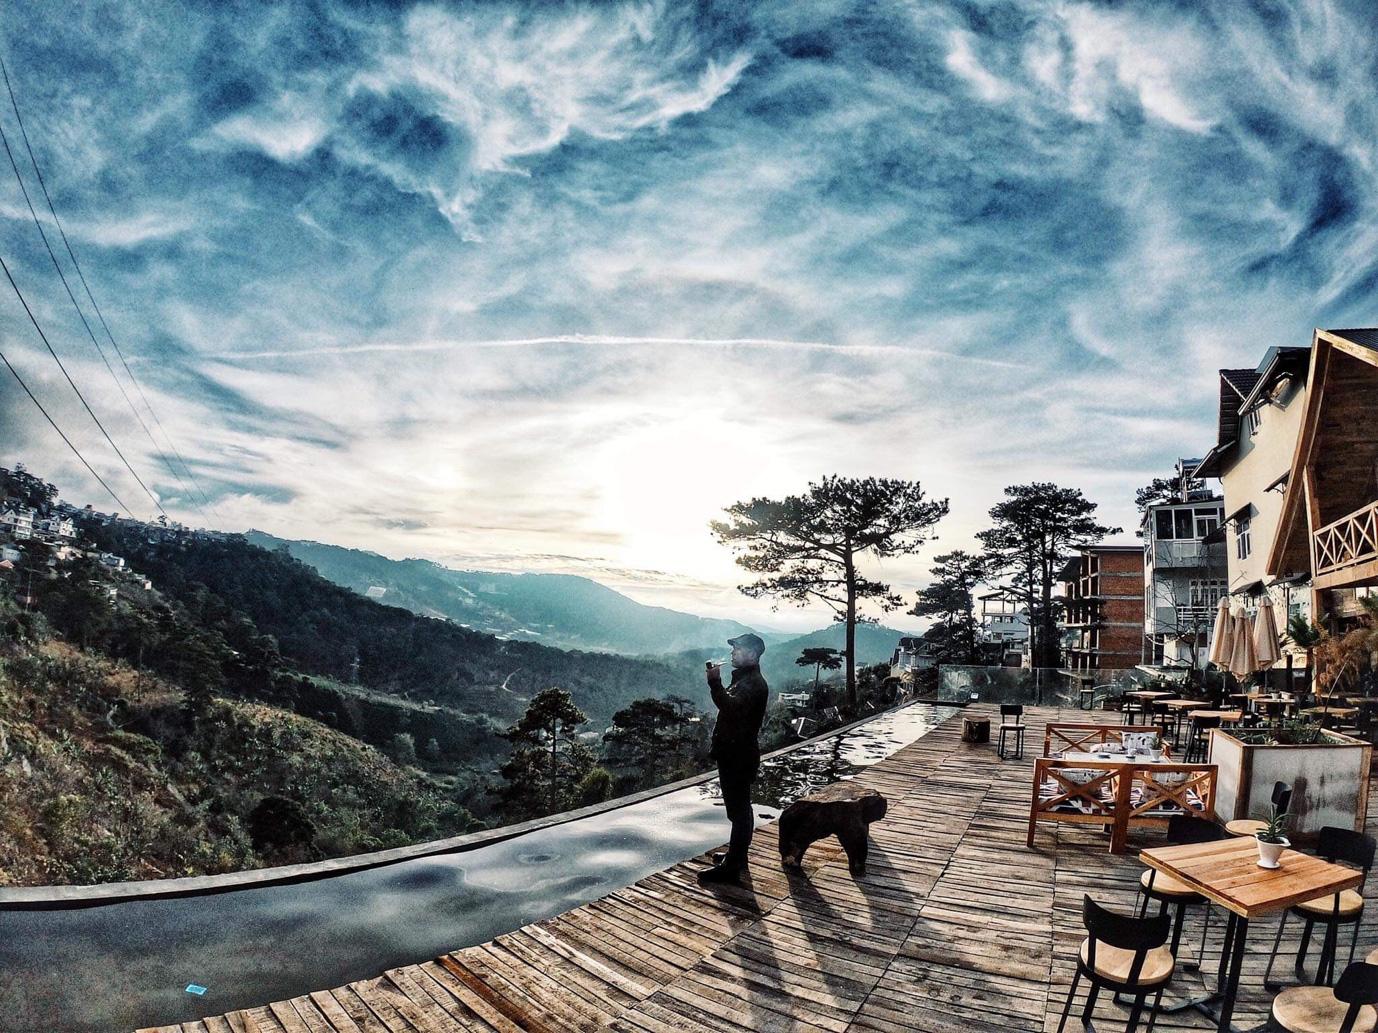 """Hai quán cafe """"chanh xả"""" nhất định phải ghé khi du lịch Đà Lạt mùa Tết năm nay! - Ảnh 1."""